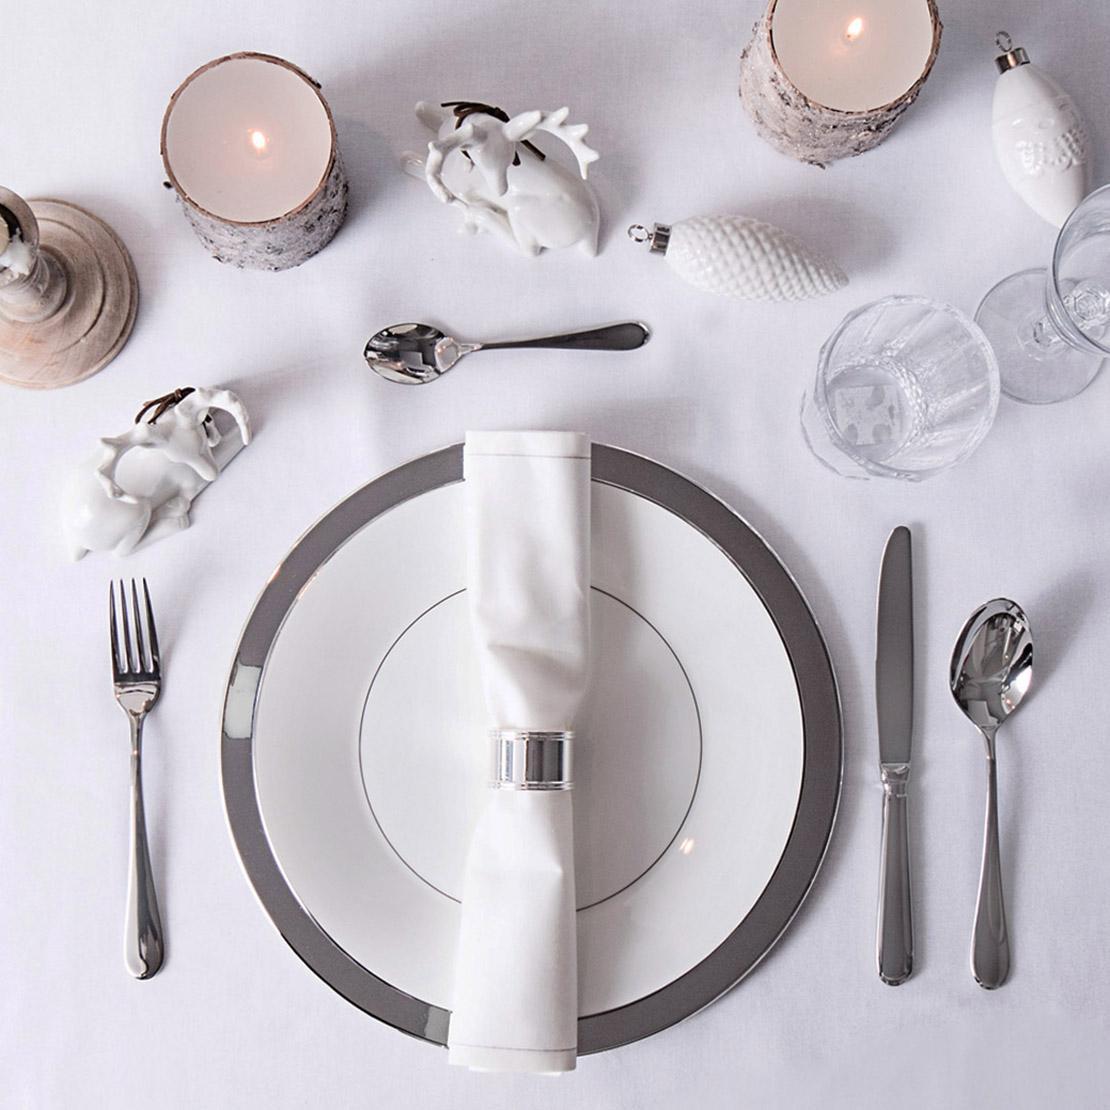 biała aranżacja wigilijnego stołu